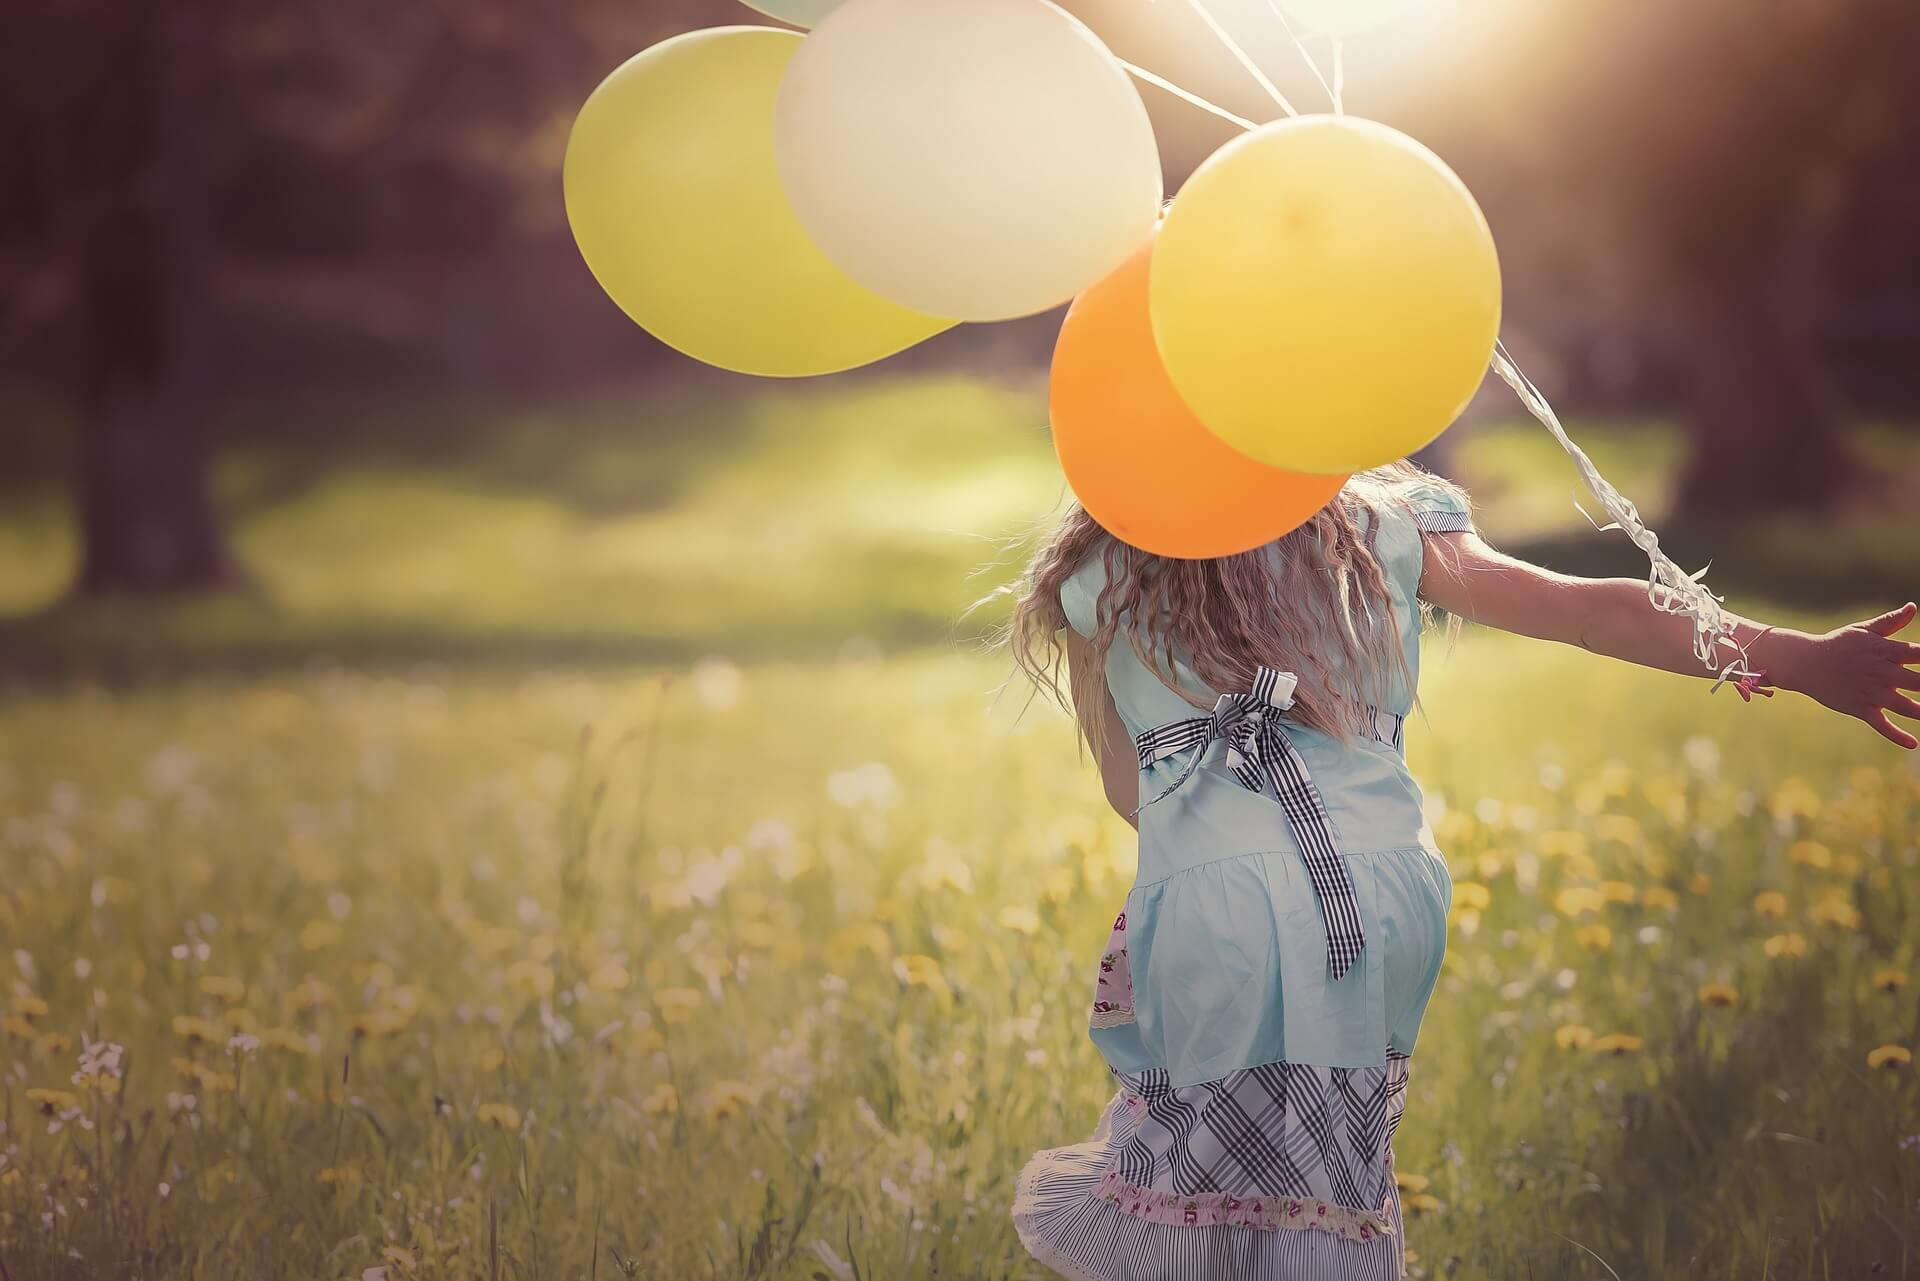 Freude: Ein Mädchen mit Luftballons in Sonnenschein